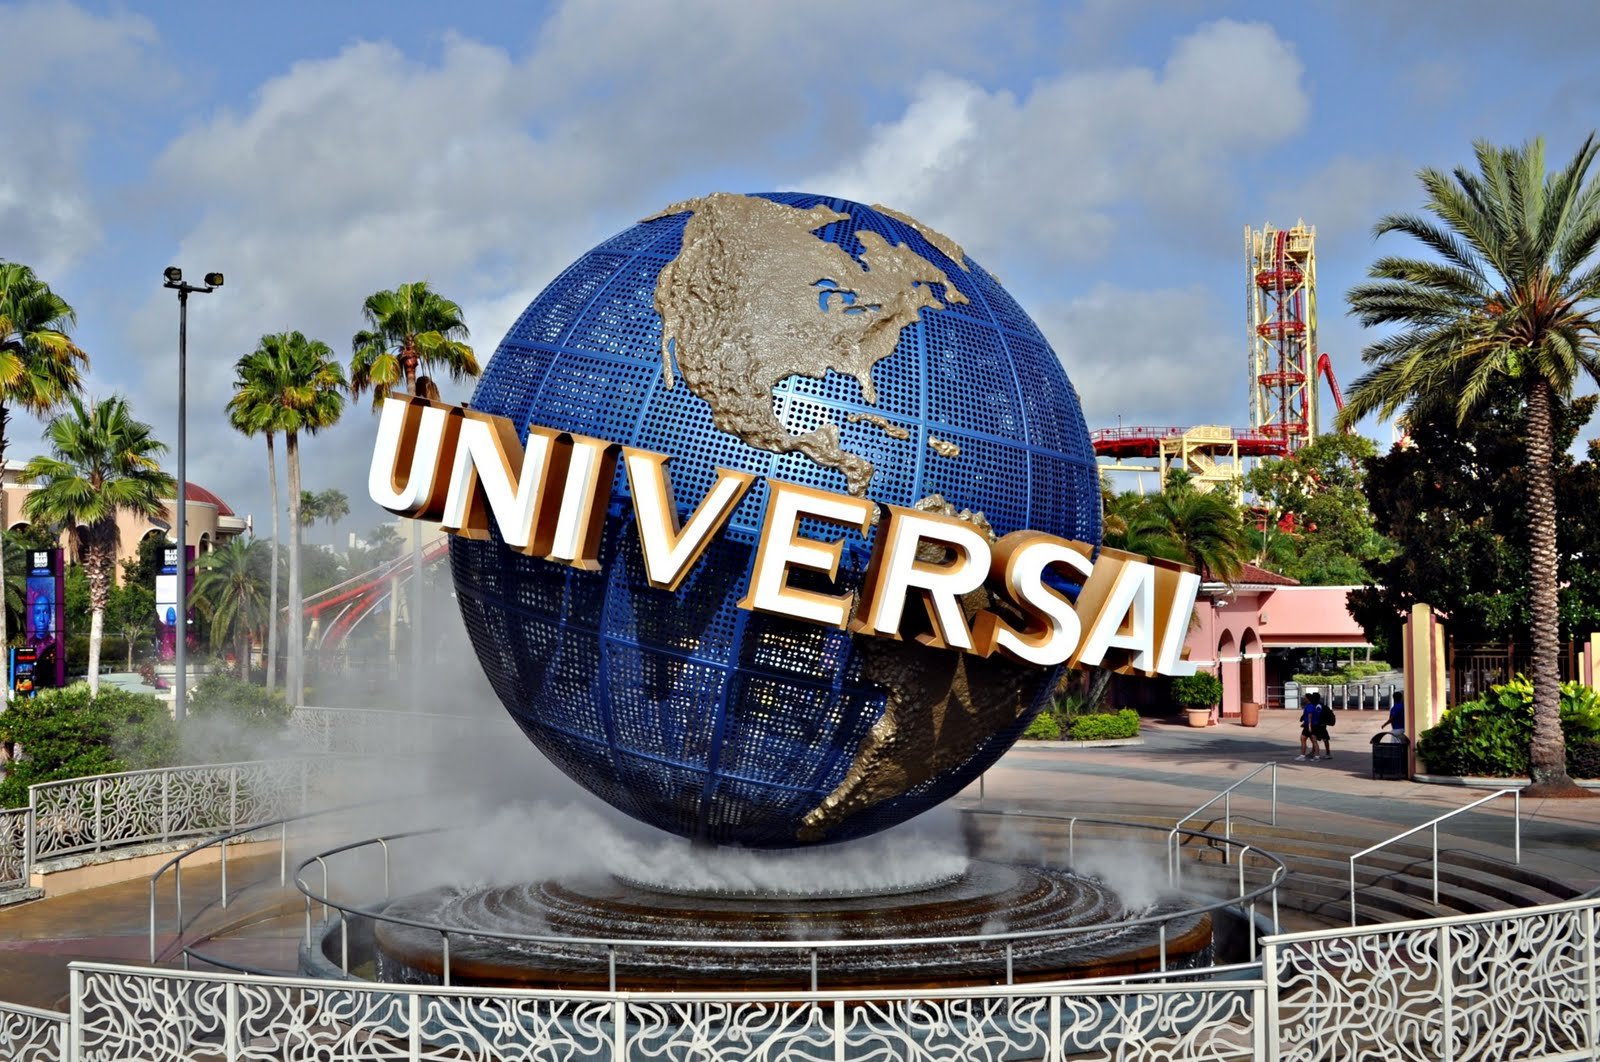 Entrada Universal Studios